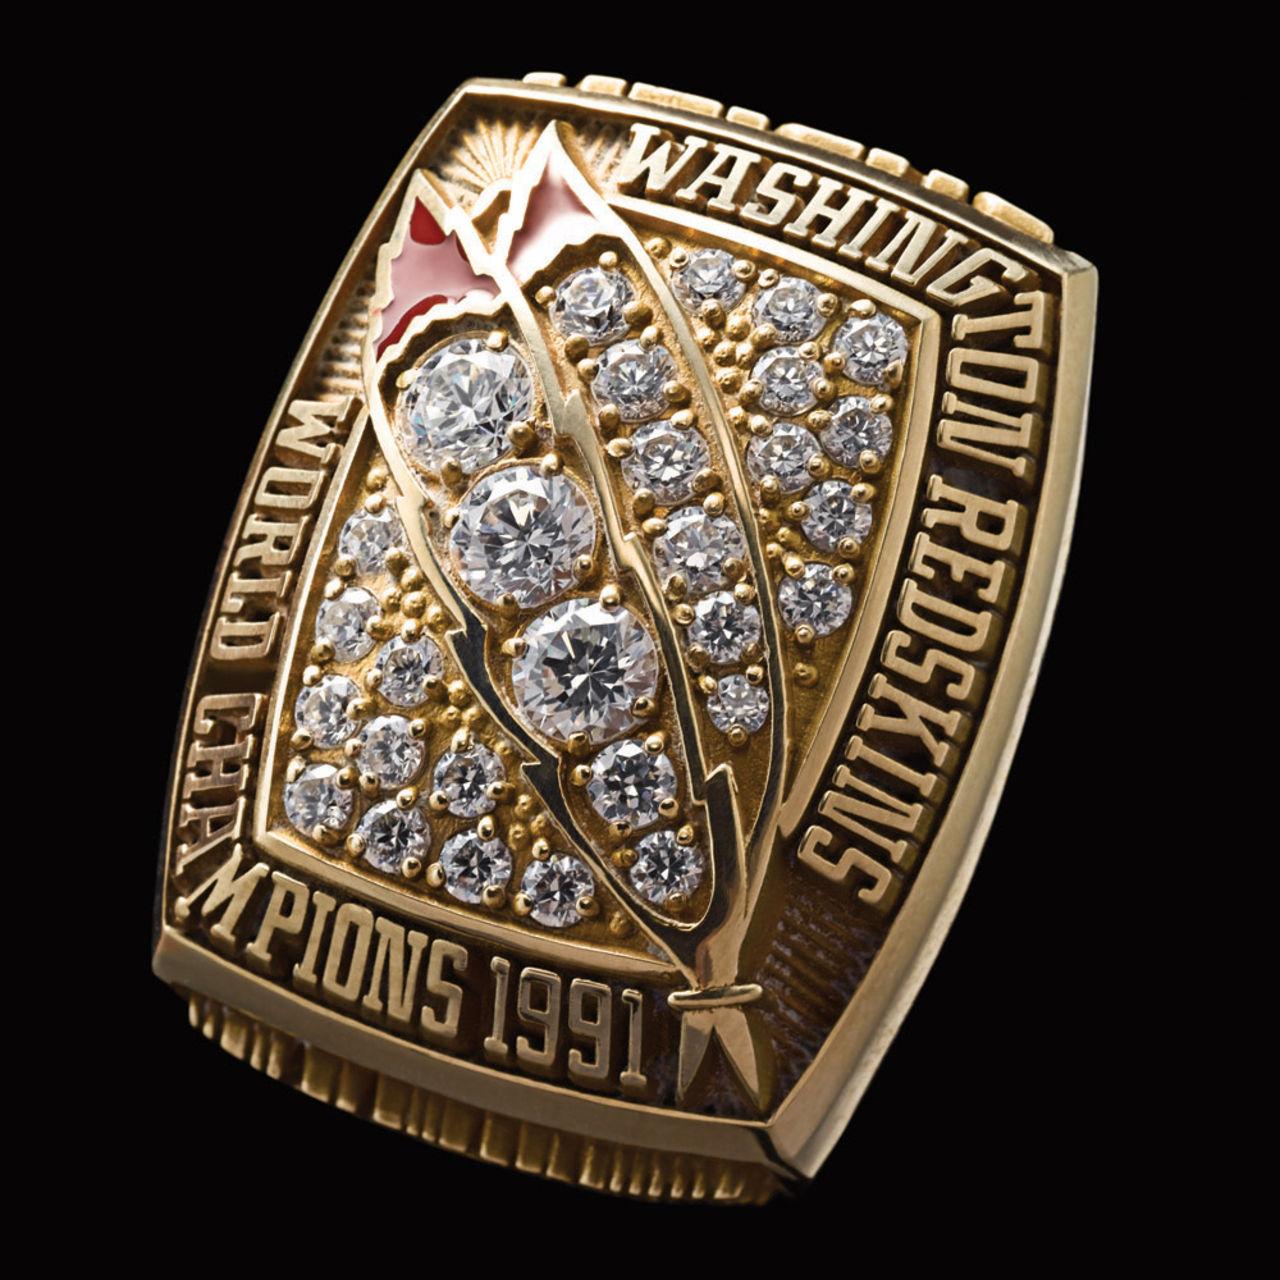 Washington Redskins 1992 champions ring